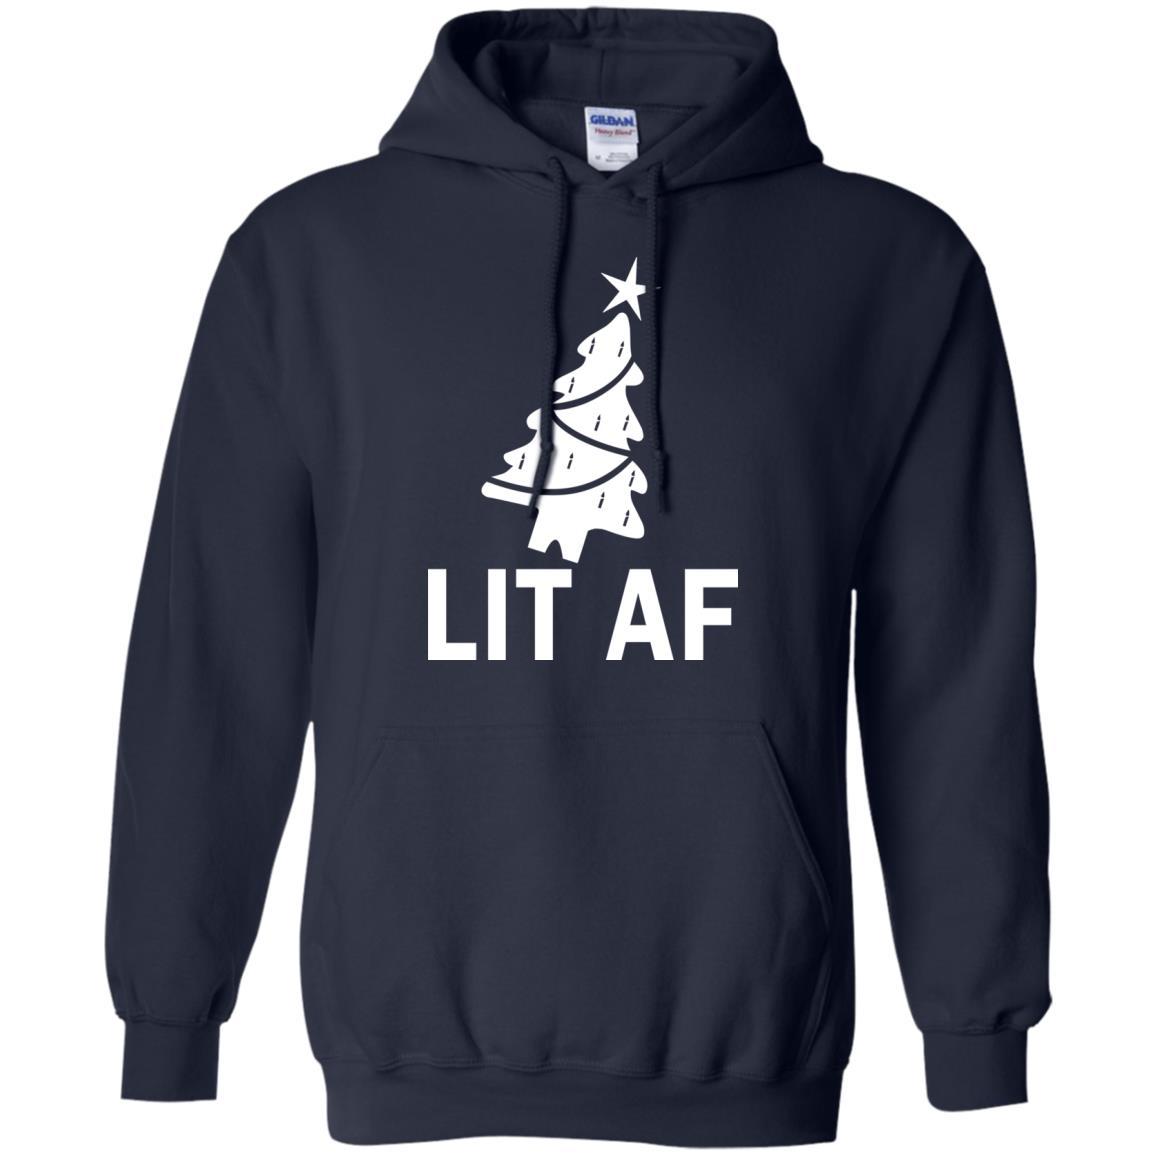 image 2363 - LIT AF Christmas Ugly Sweatshirt, Long Sleeve